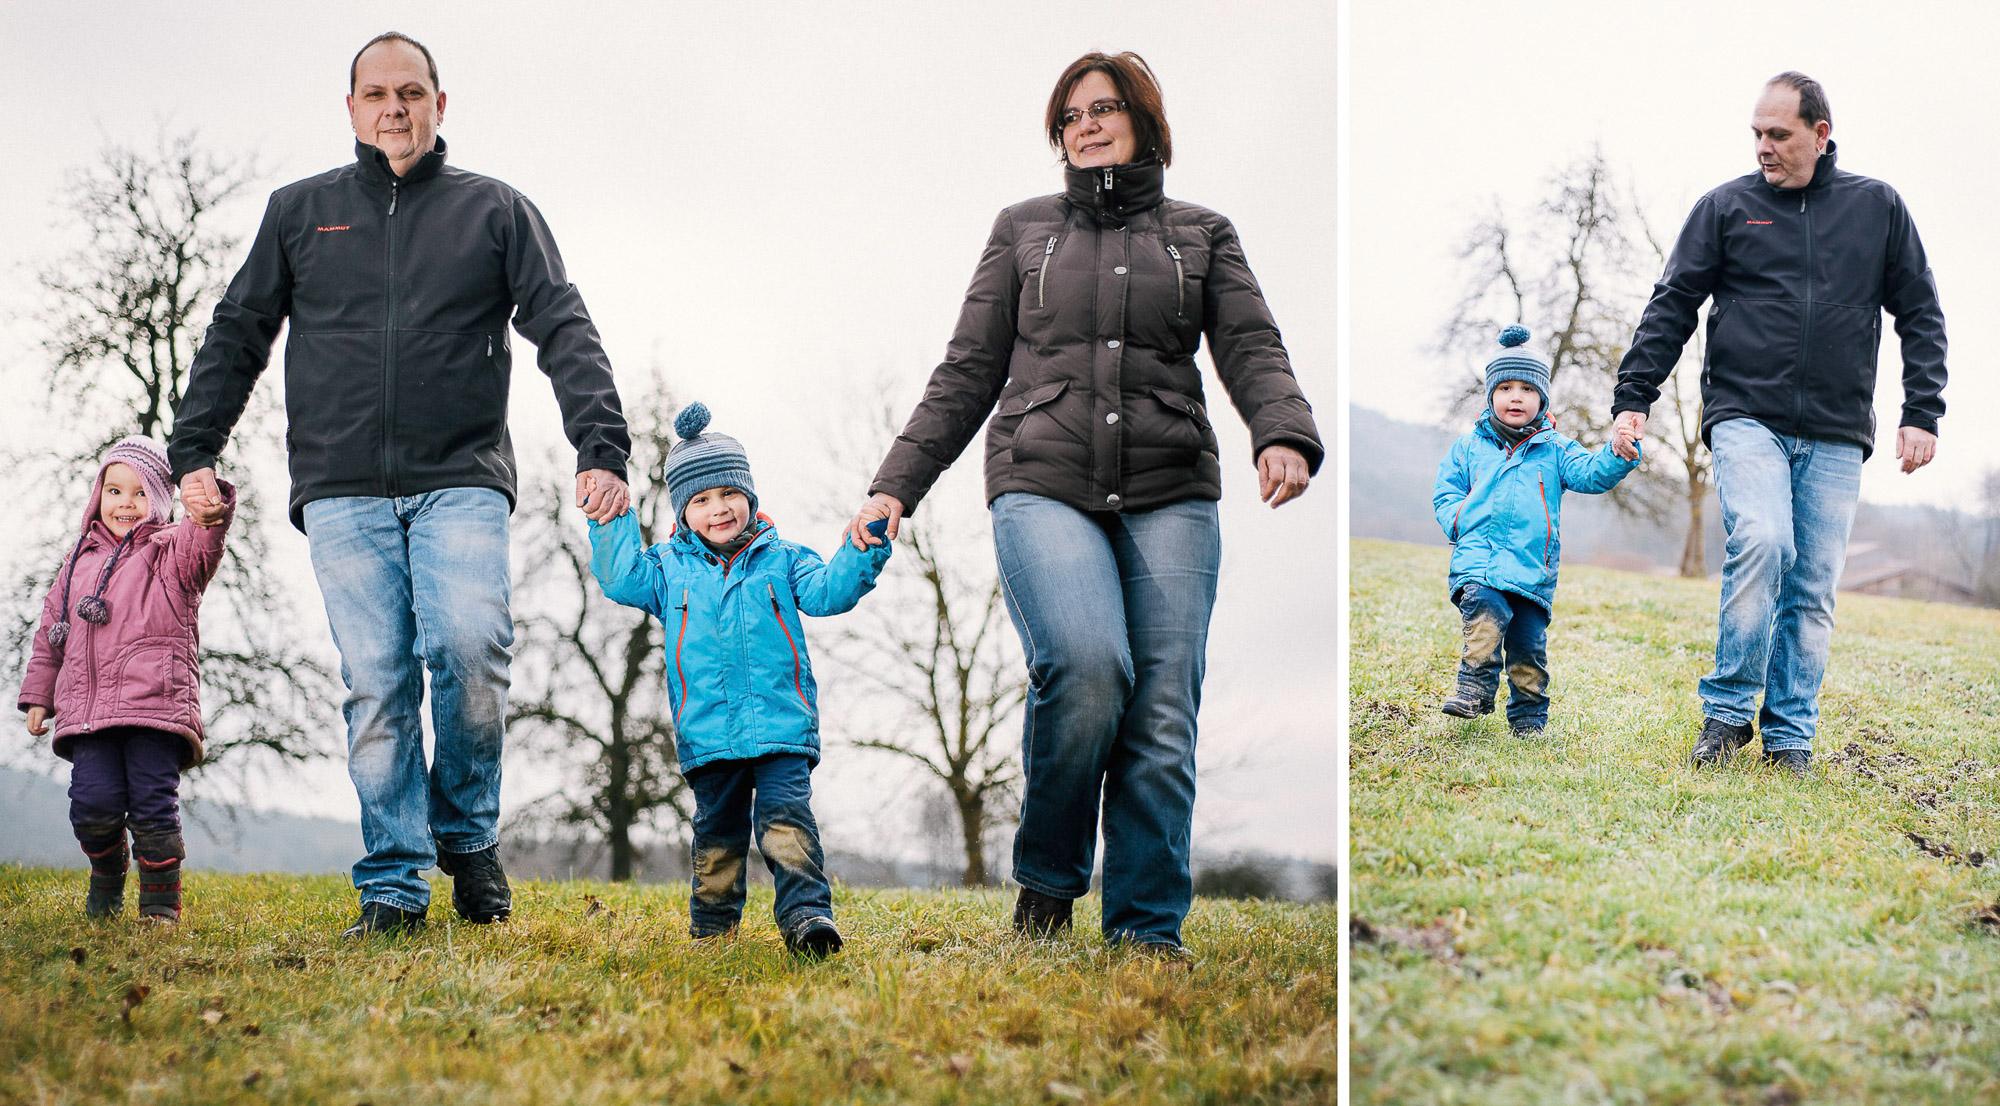 Familienfotograf Berlin Boris Mehl